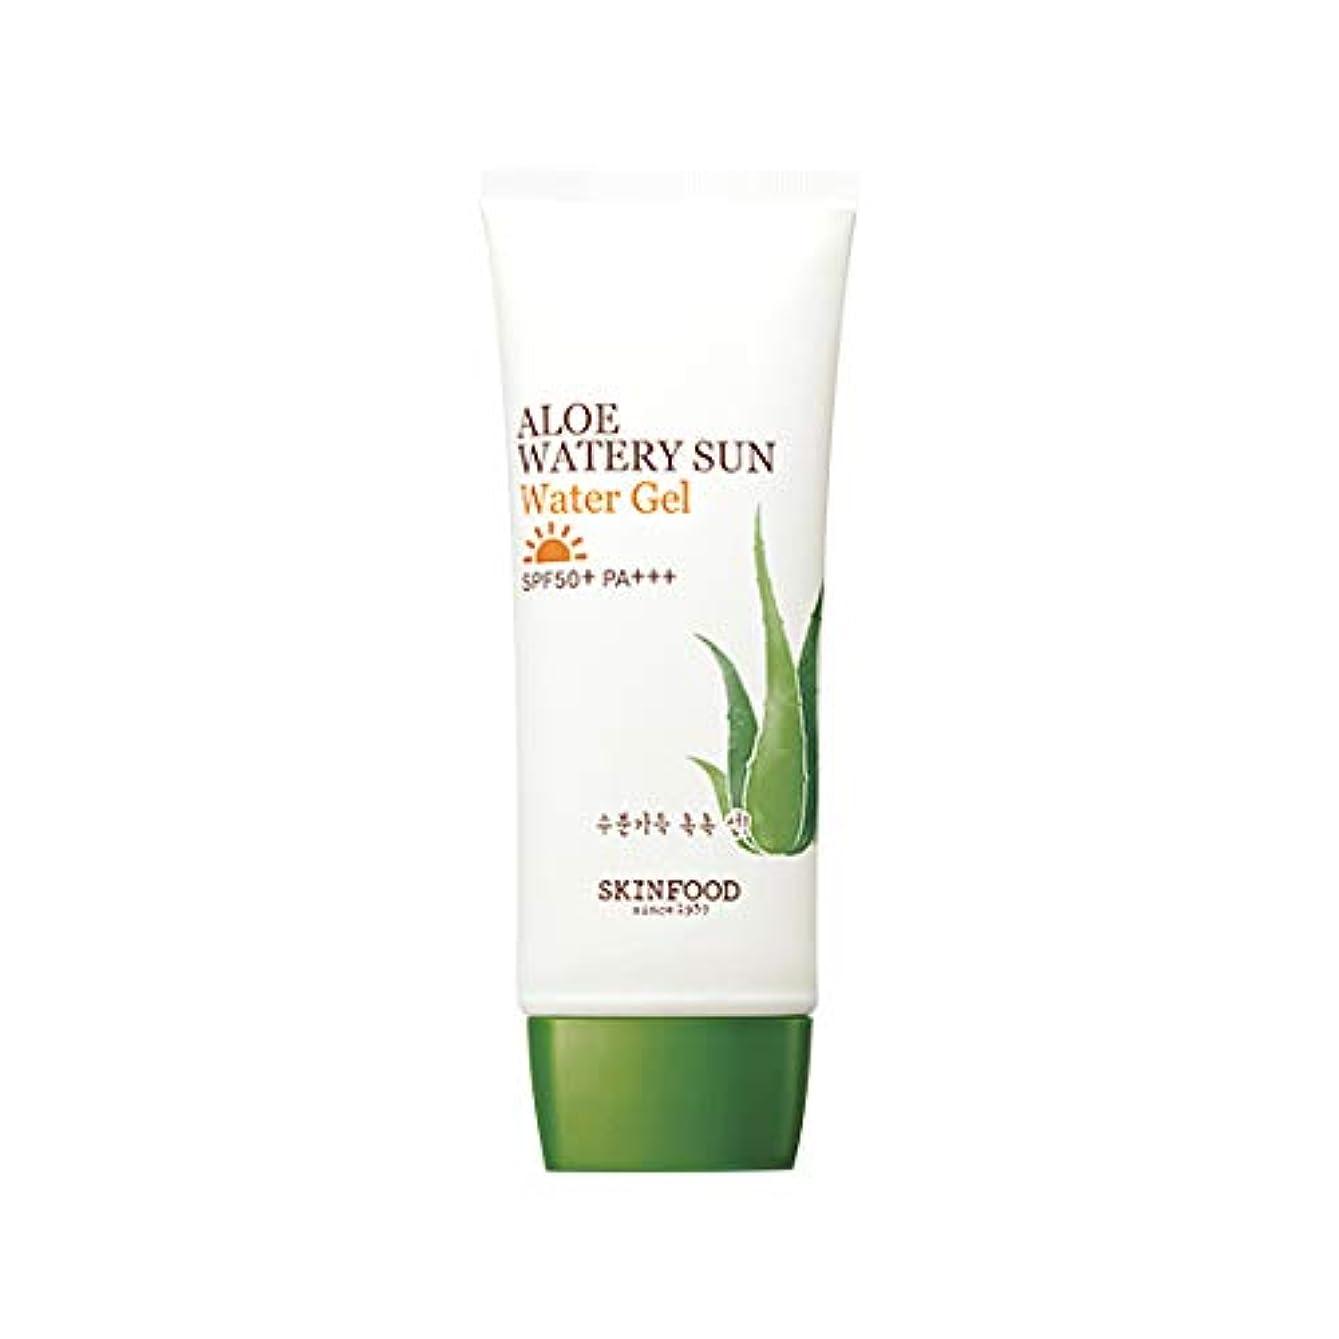 会社検体表現Skinfood アロエウォーターサンジェルSPF50 + PA +++ / Aloe Watery Sun Water Gel SPF50+ PA+++ 50ml [並行輸入品]